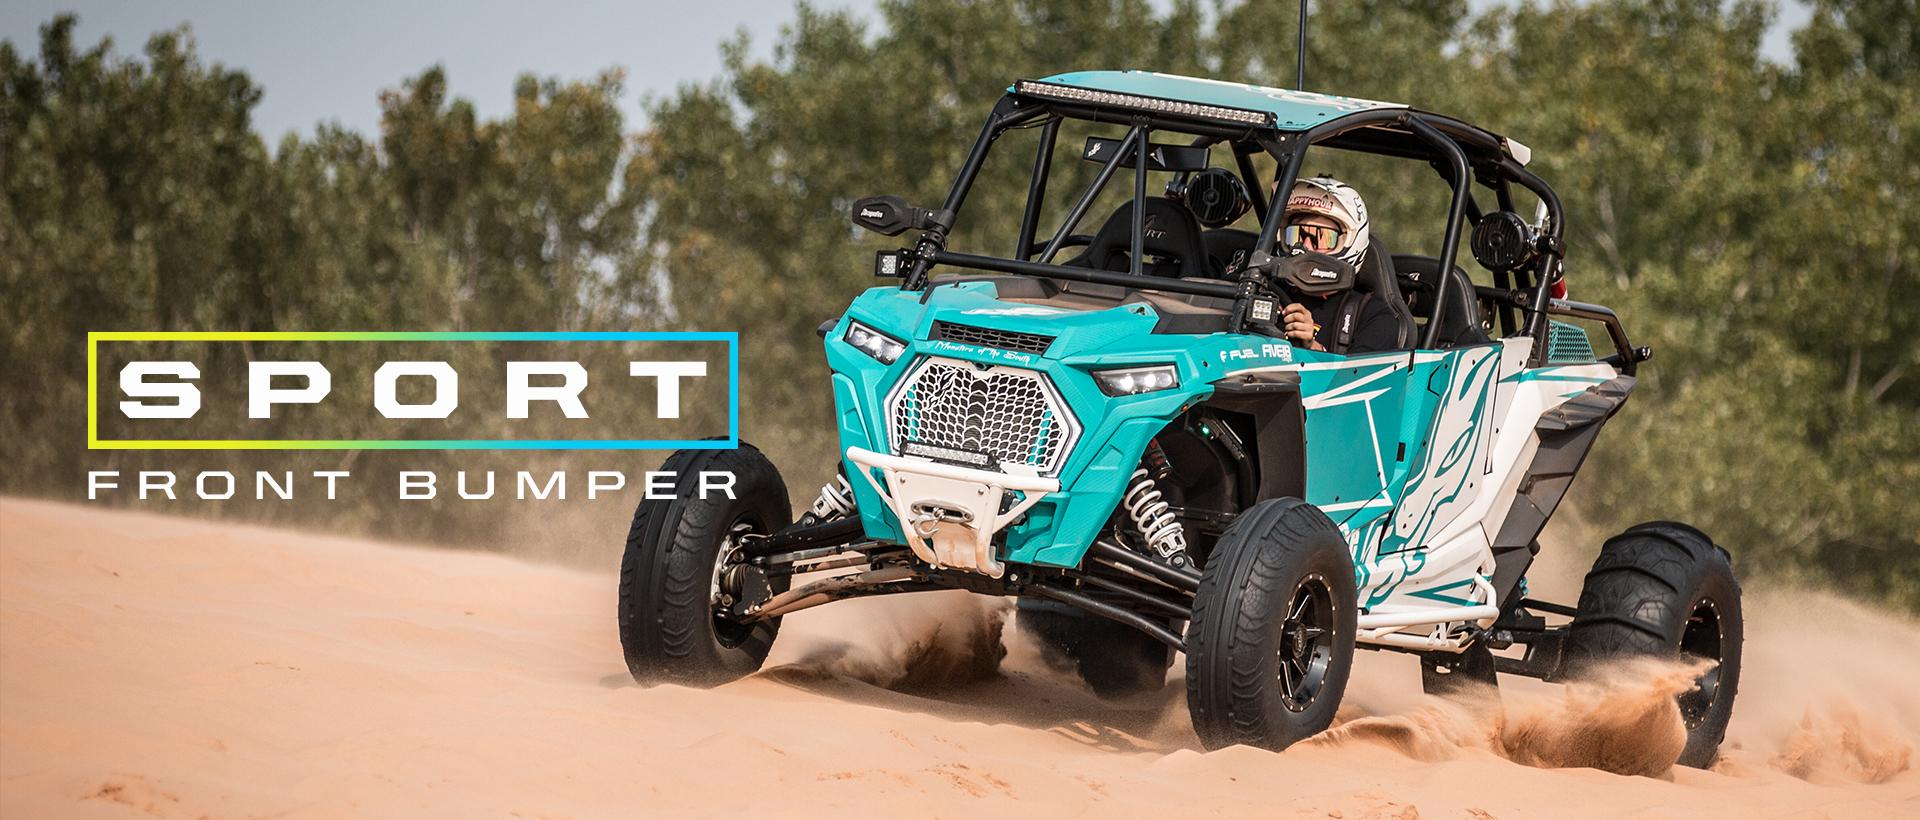 DragonFire Racing Sport Front Bumper